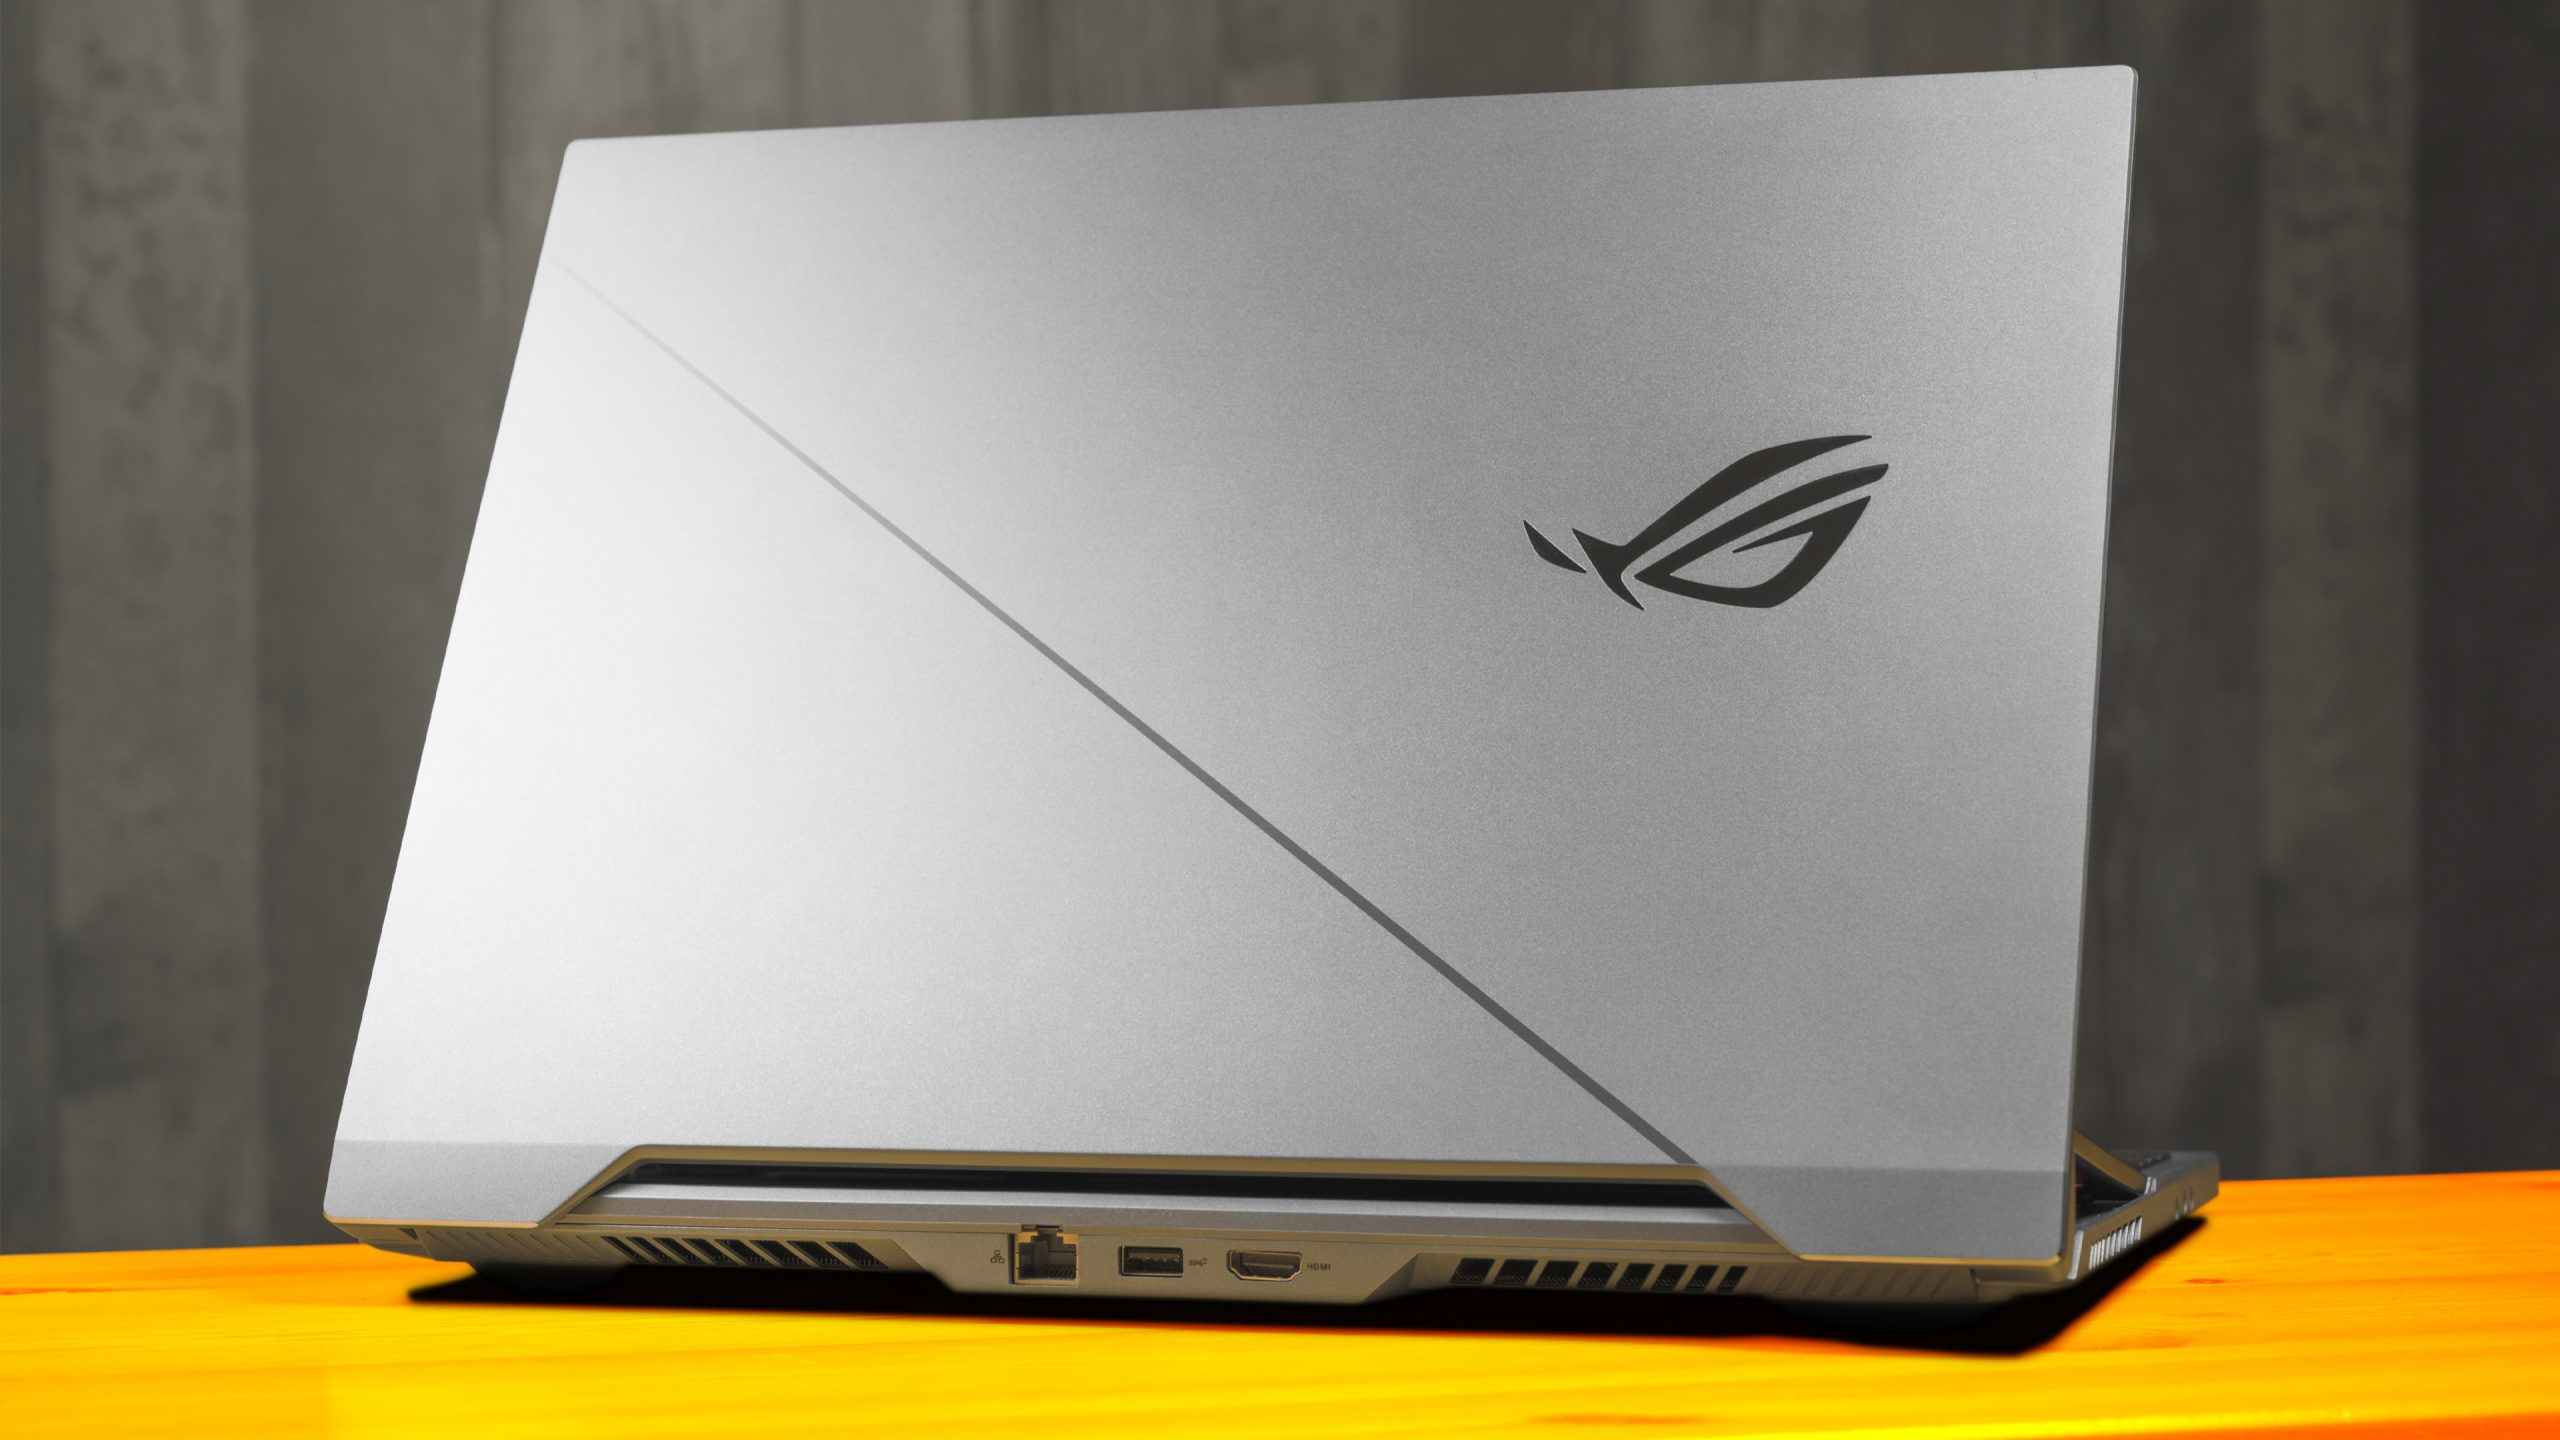 De achterzijde van ROG Zephyrus Duo 15-laptop, met daarop het Republic of Gamers-logo en inzage op de poorten op de achterzijde.